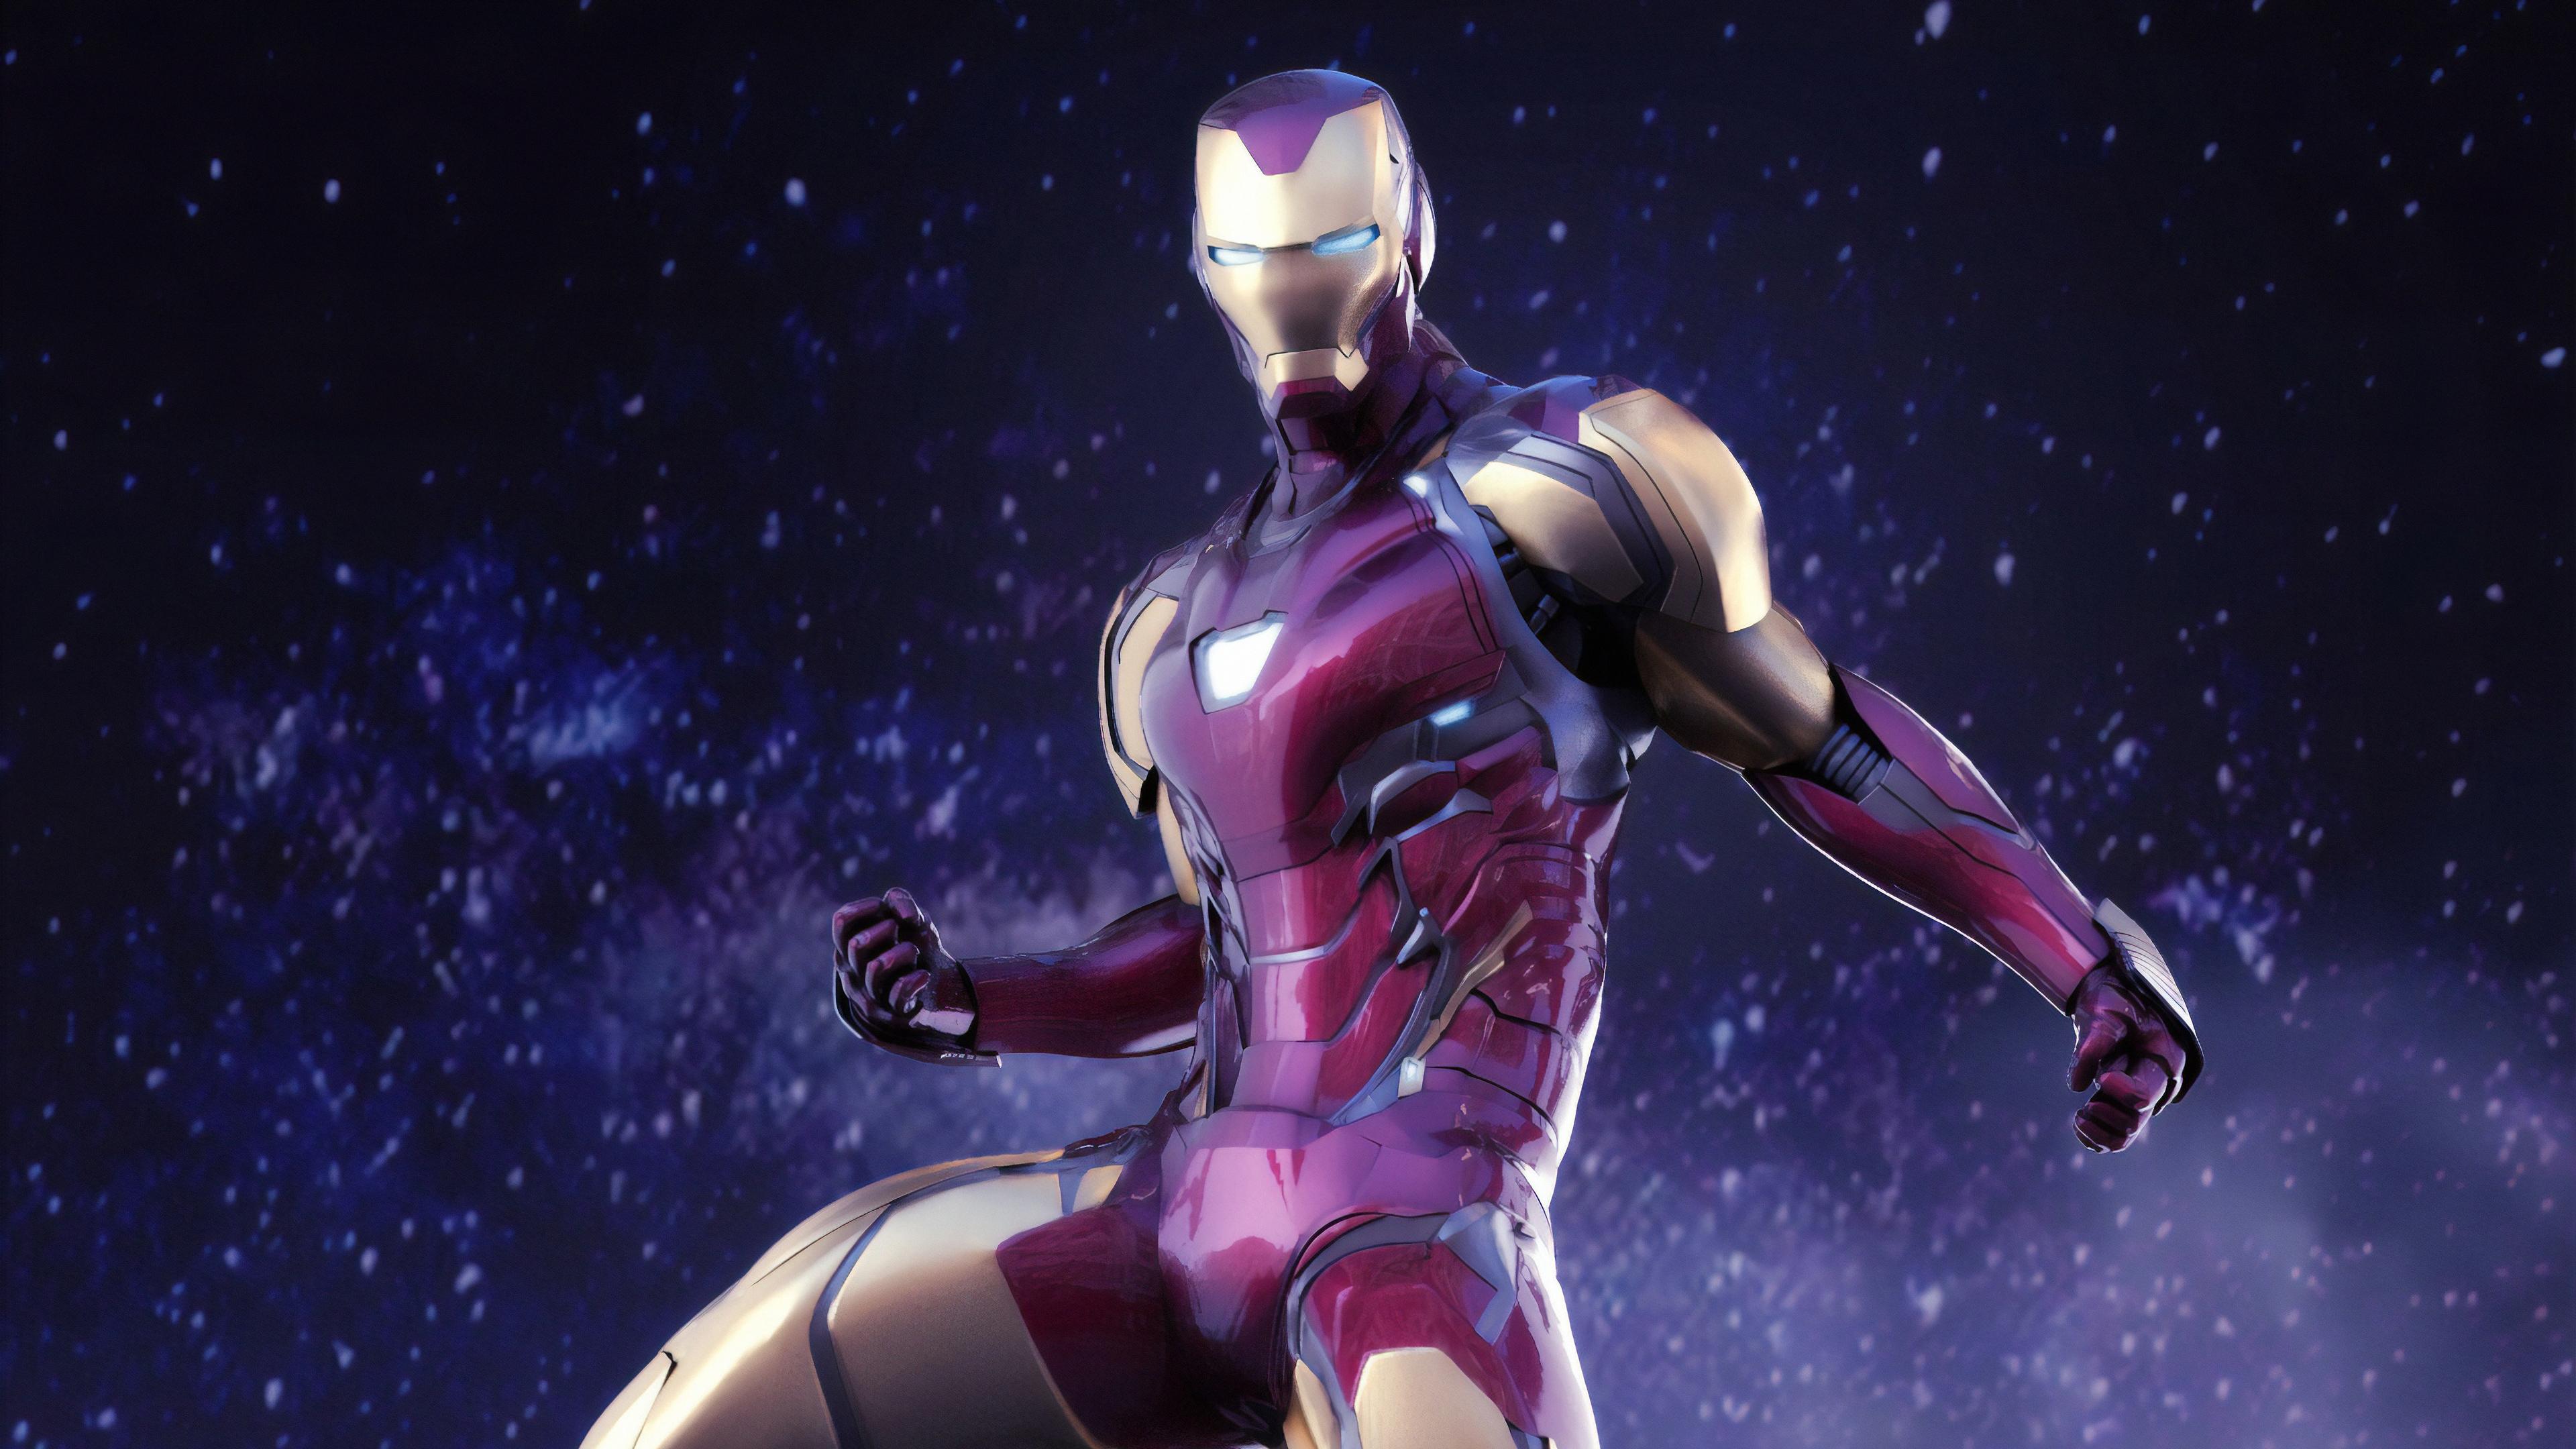 iron man avengers endgame suit 1570393583 - Iron Man Avengers Endgame Suit - superheroes wallpapers, iron man wallpapers, hd-wallpapers, digital art wallpapers, artwork wallpapers, artstation wallpapers, 4k-wallpapers